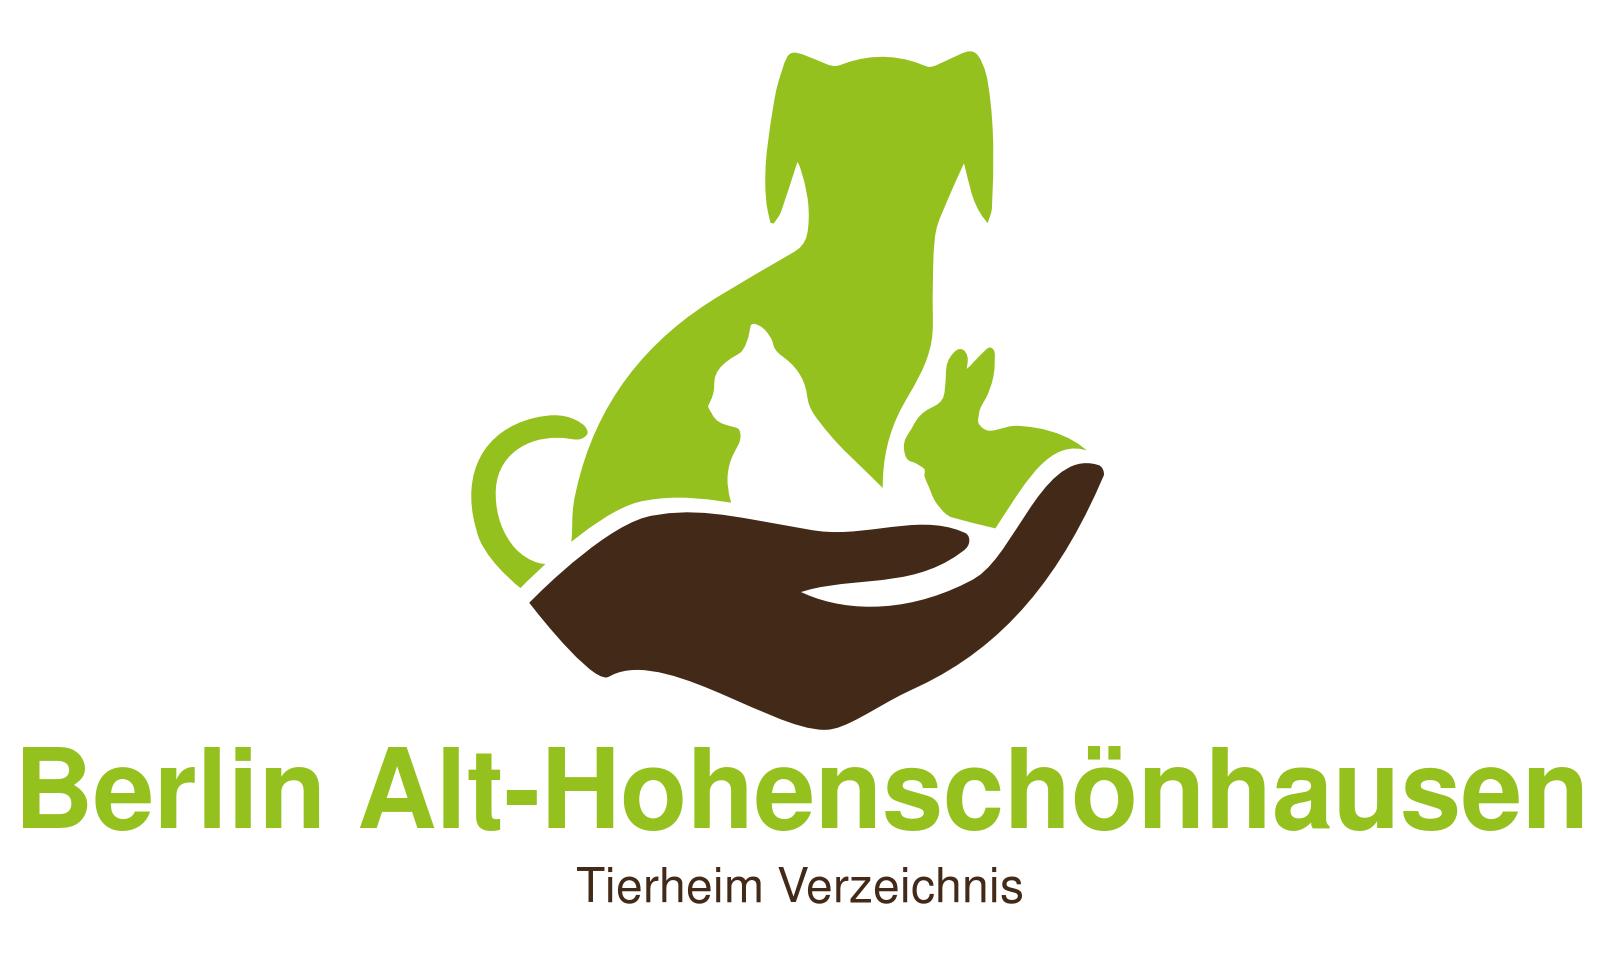 Tierheim Berlin Alt-Hohenschönhausen